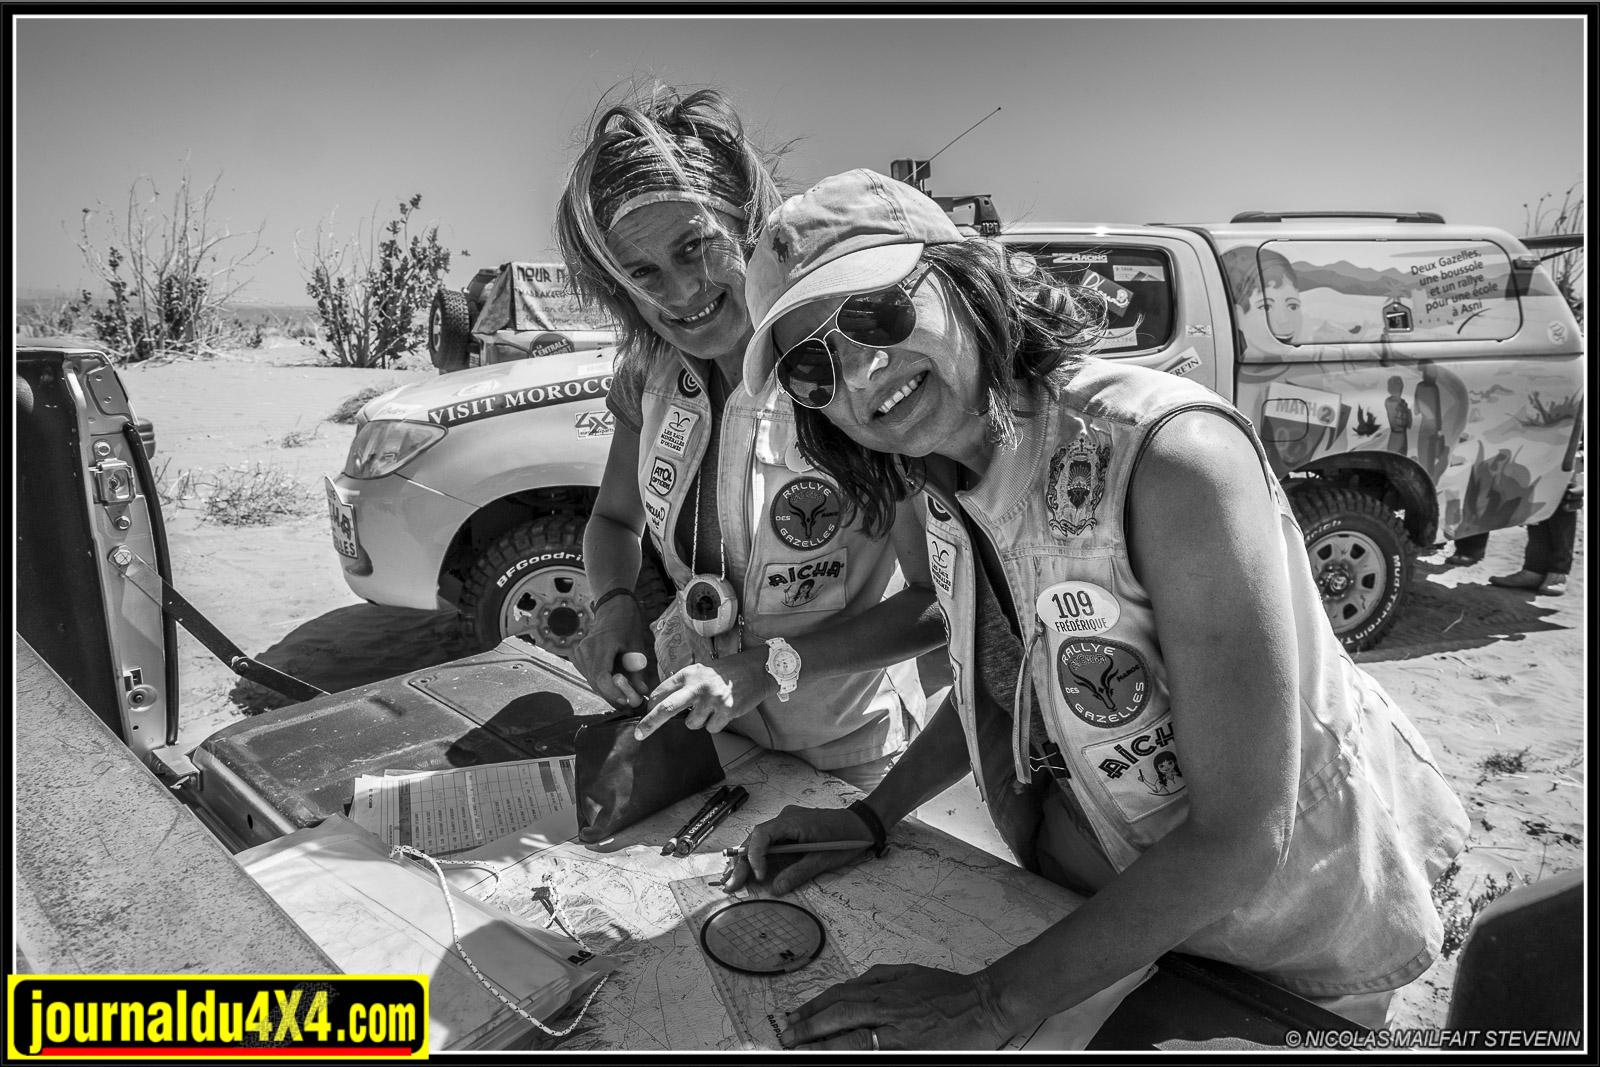 rallye-aicha-gazelles-maroc-2017-7778.jpg